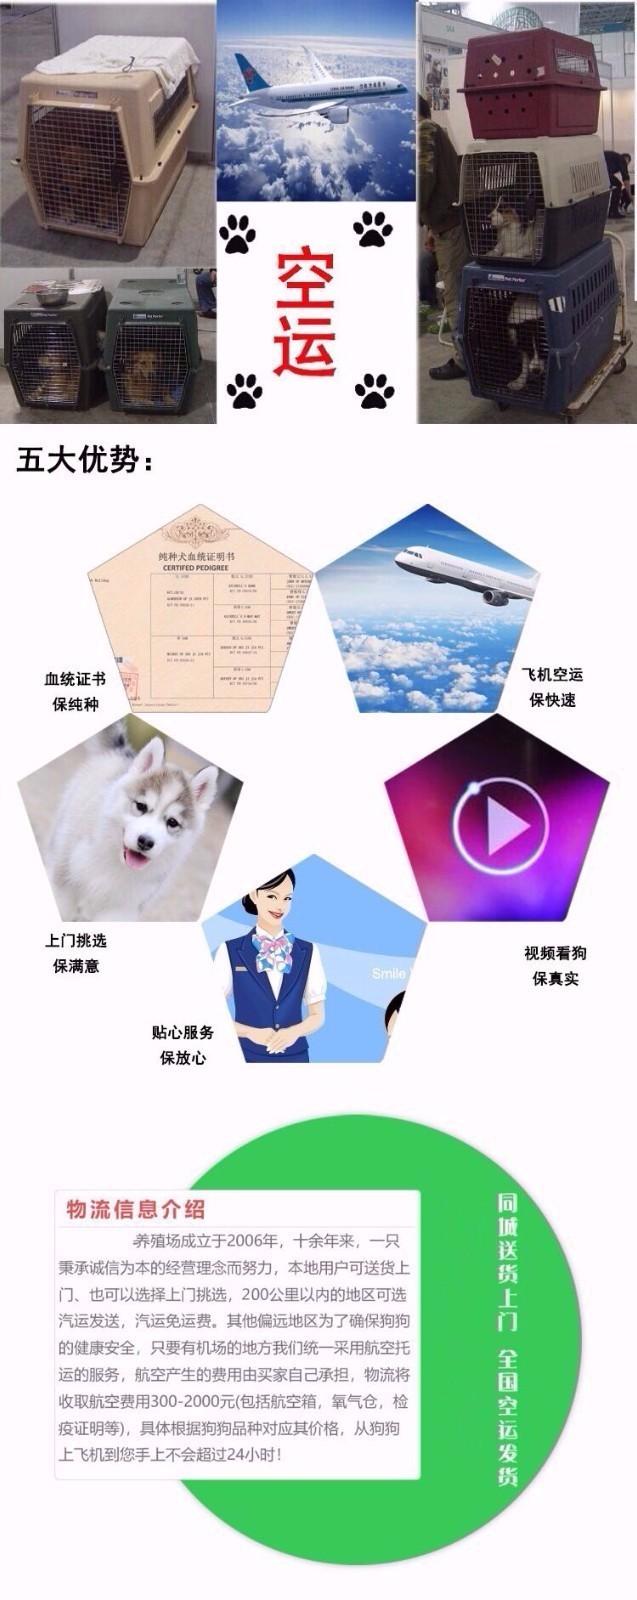 出售纯种健康的杭州斗牛犬 喜欢斗牛的朋友不要错过17